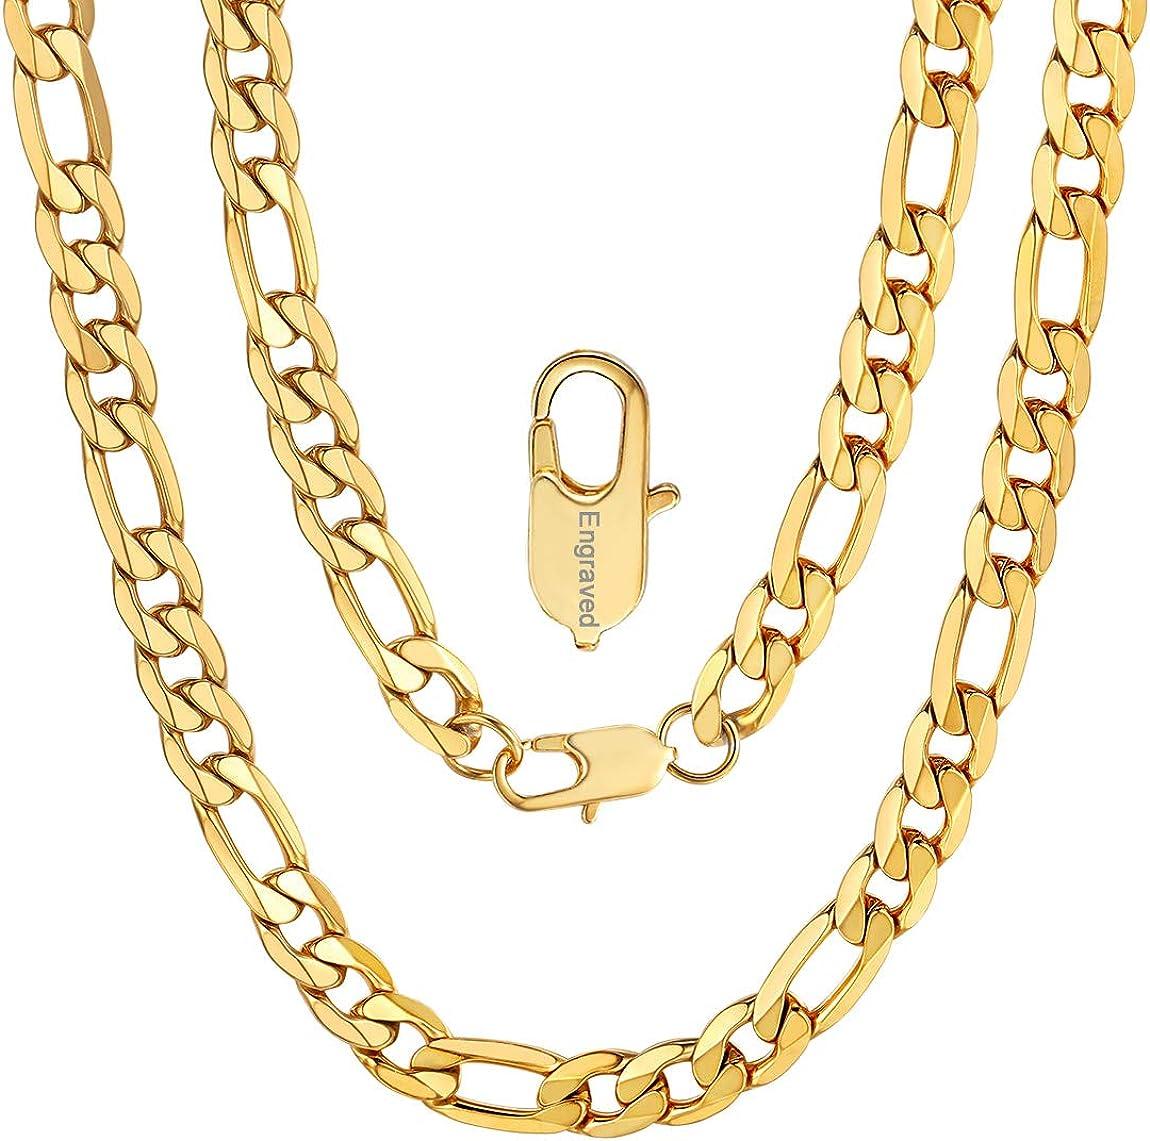 ChainsPro Cadena de Fígaro 3:1, Collar De Acero Inoxidable Dorado/Plateado/Negro para Hombre y Mujer, Joyería Moderno, 4/6/9/13 MM Ancho 46-76CM Largo (Ofrecer Servicio Grabado)